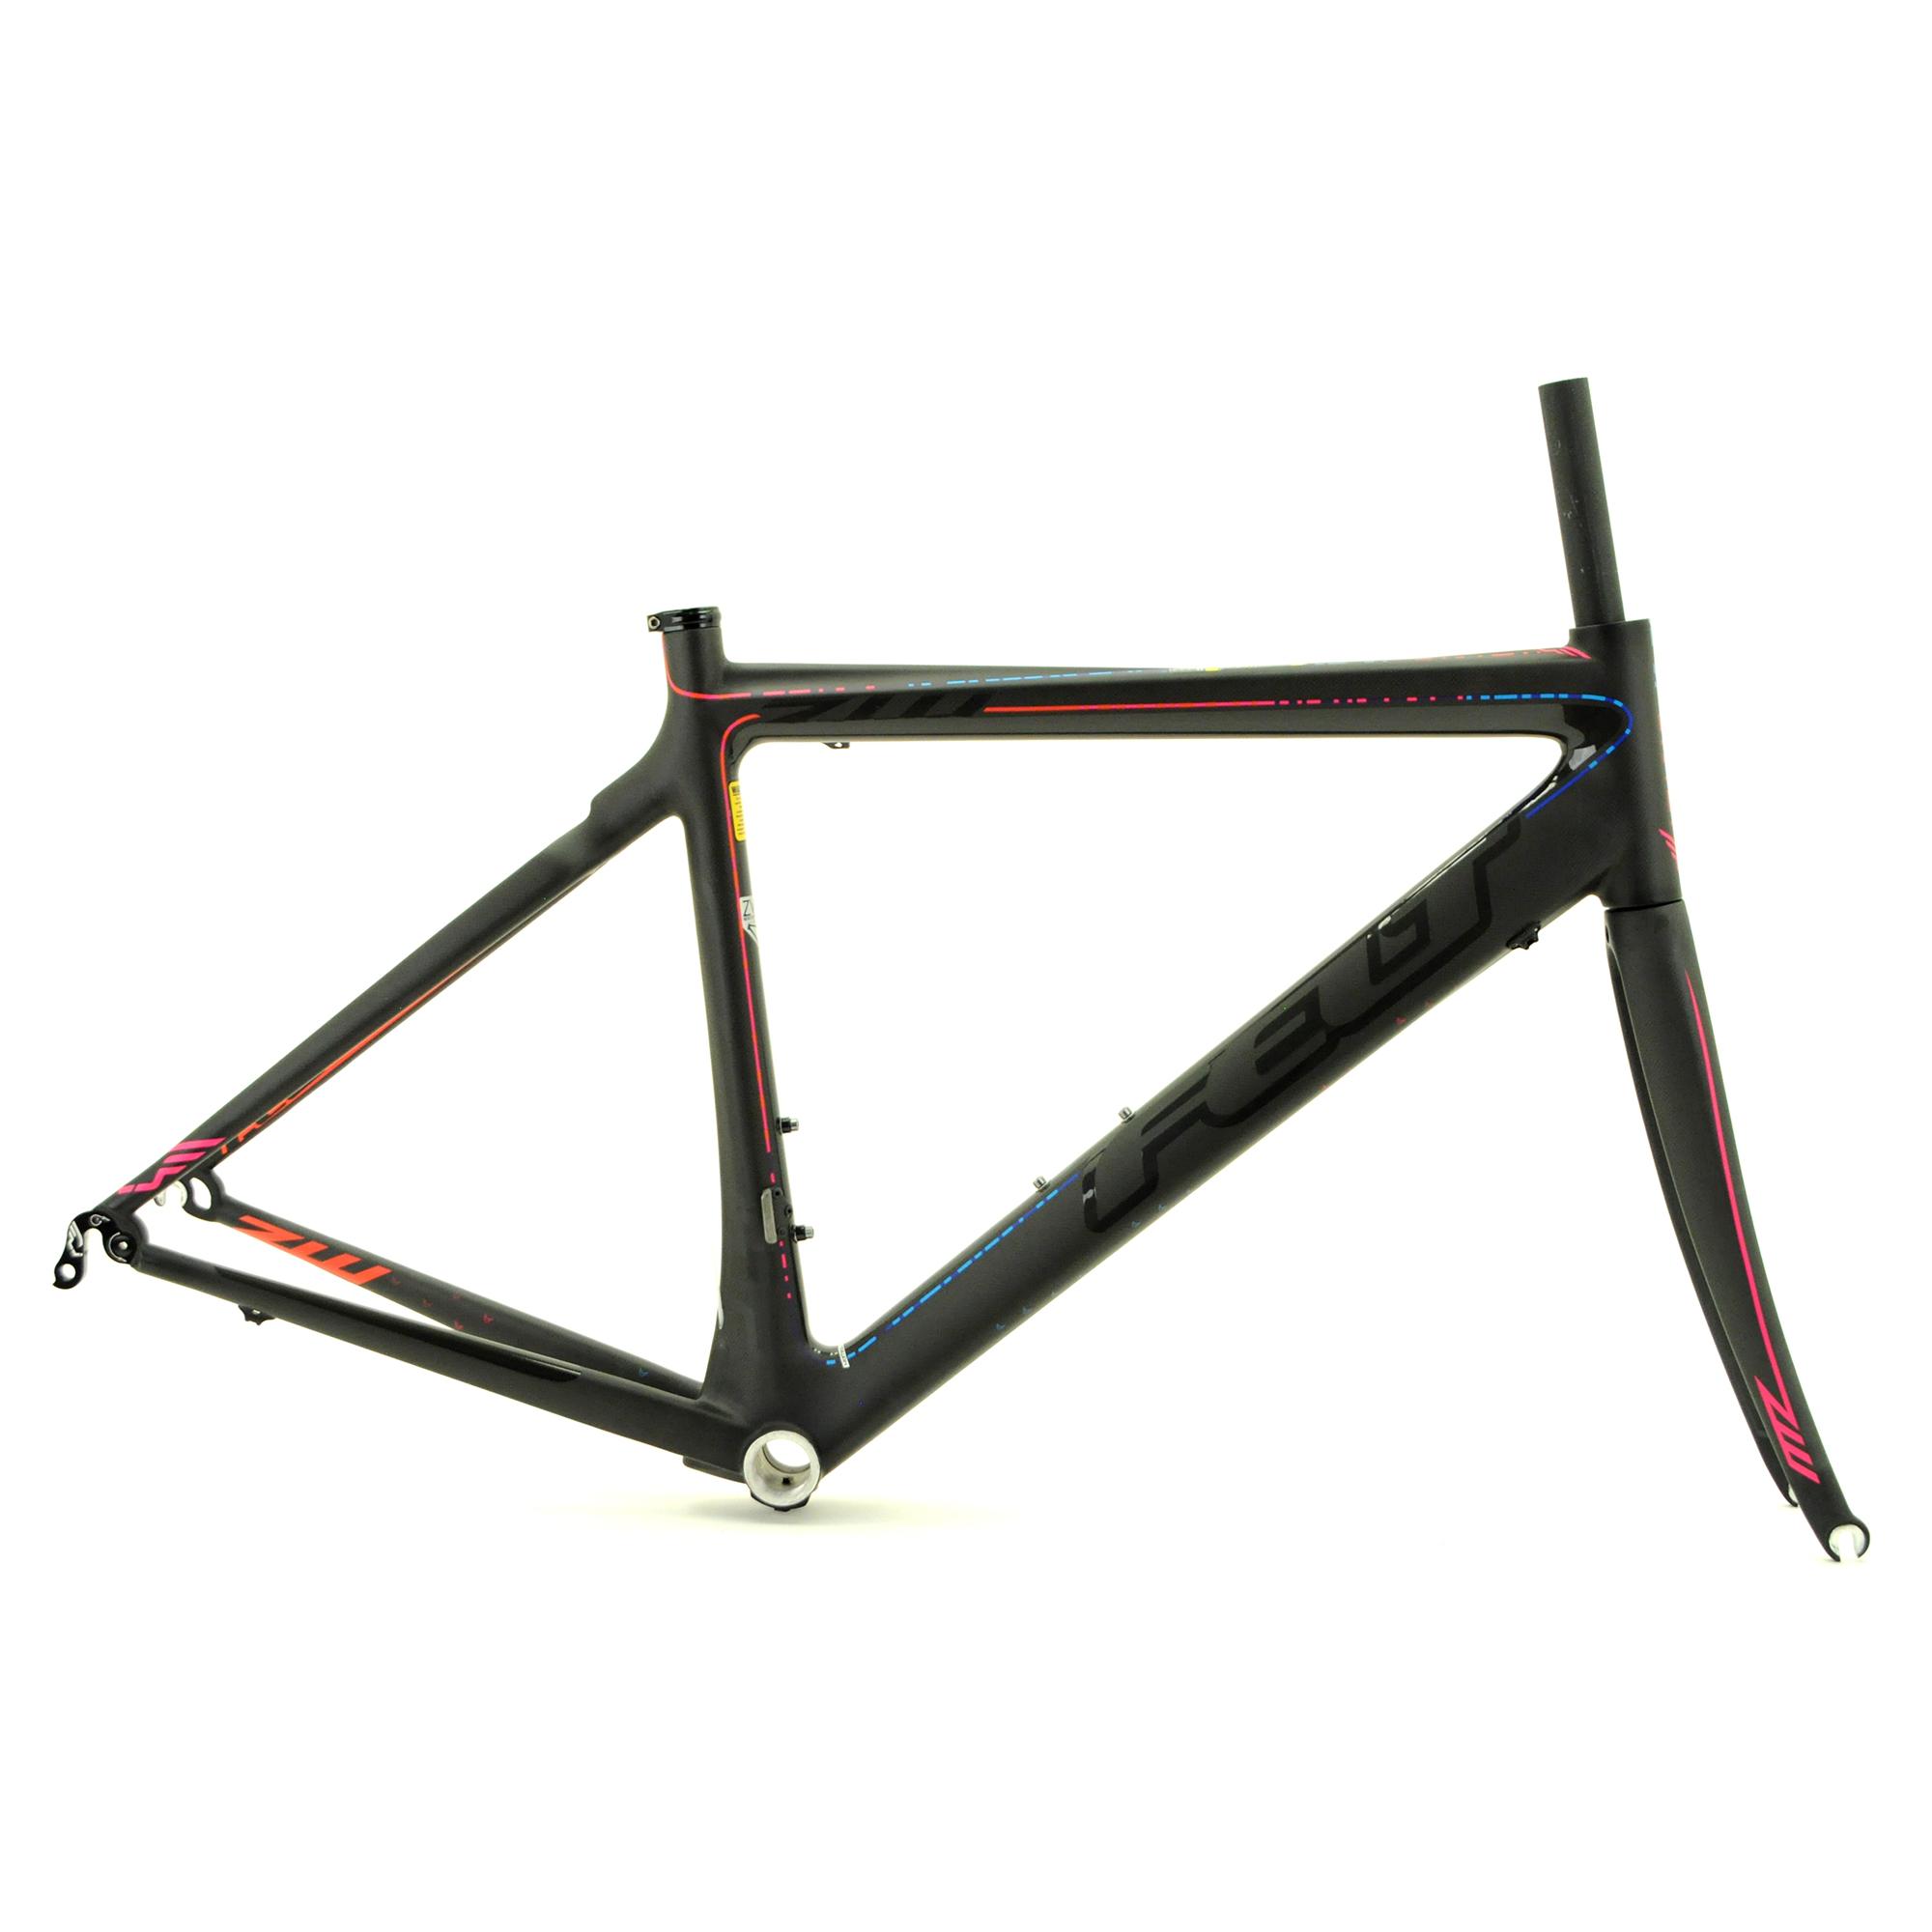 2012 Felt Zw1 Womens Carbon Road Bike 700c Frame Fork